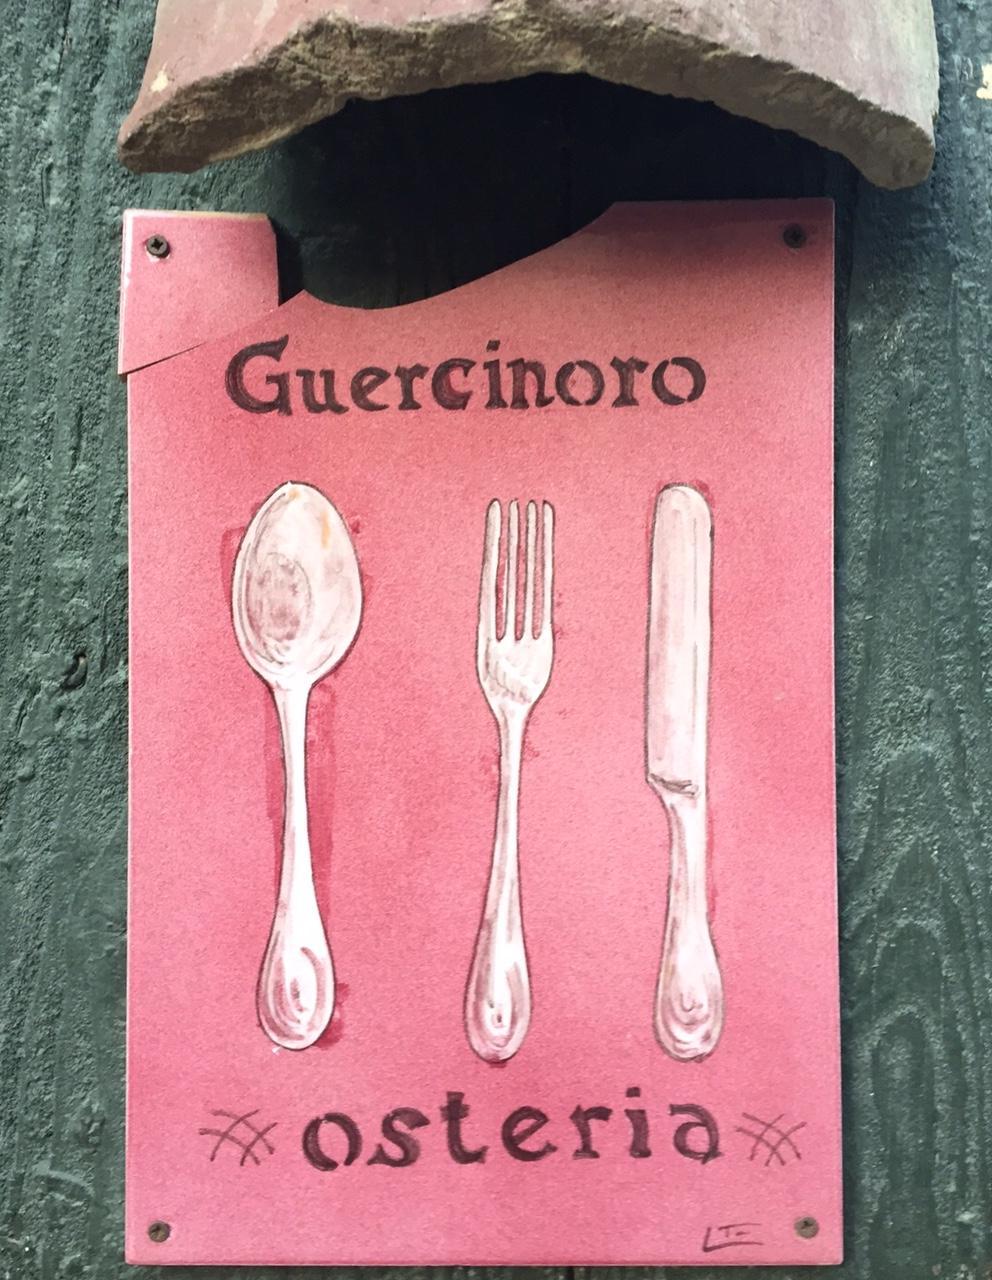 Osteria del Guercinoro in Brisighella, Emilia-Romagna